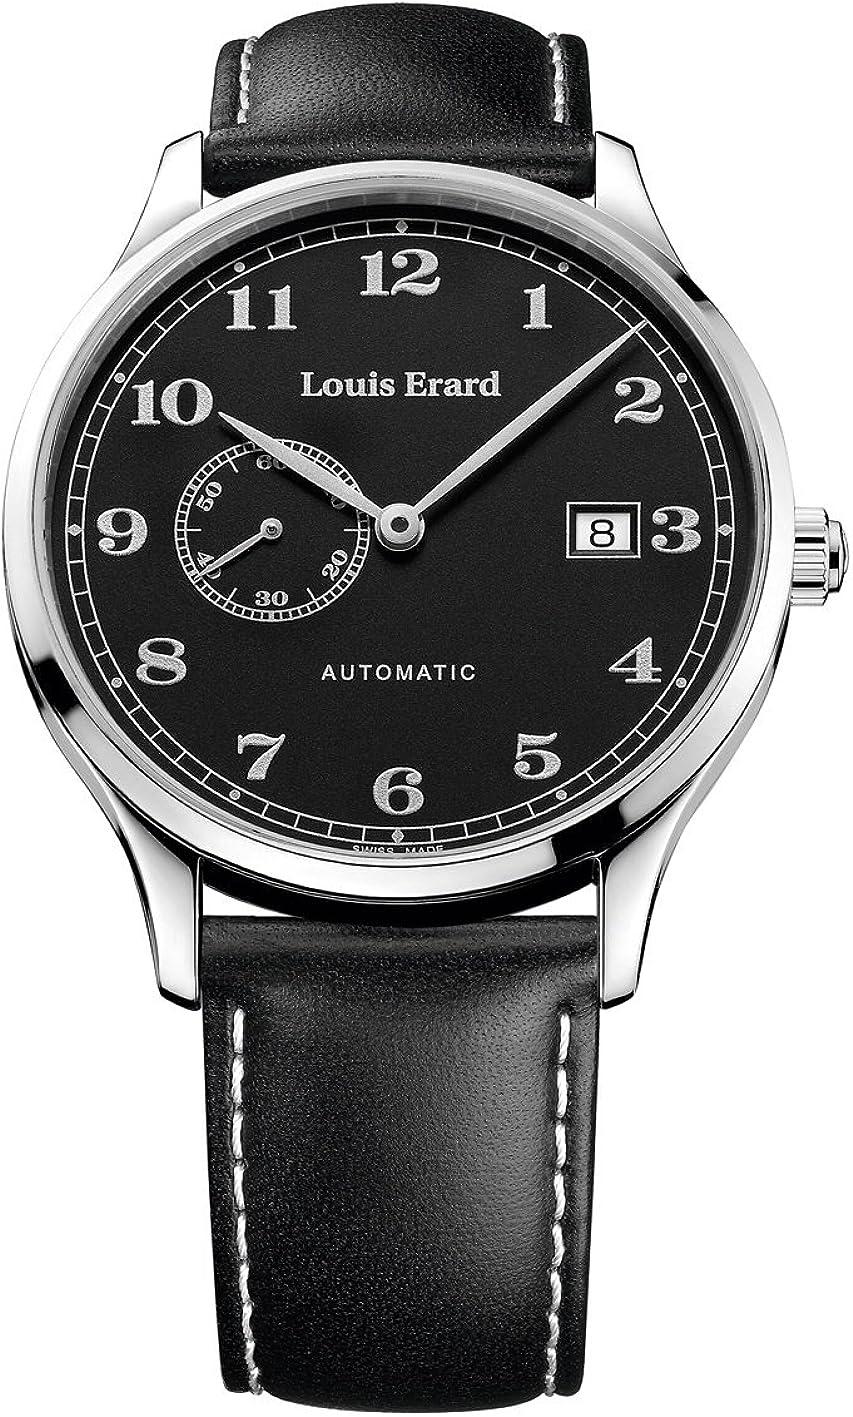 Louis Erard 1931 66 226 AA22 Ltd